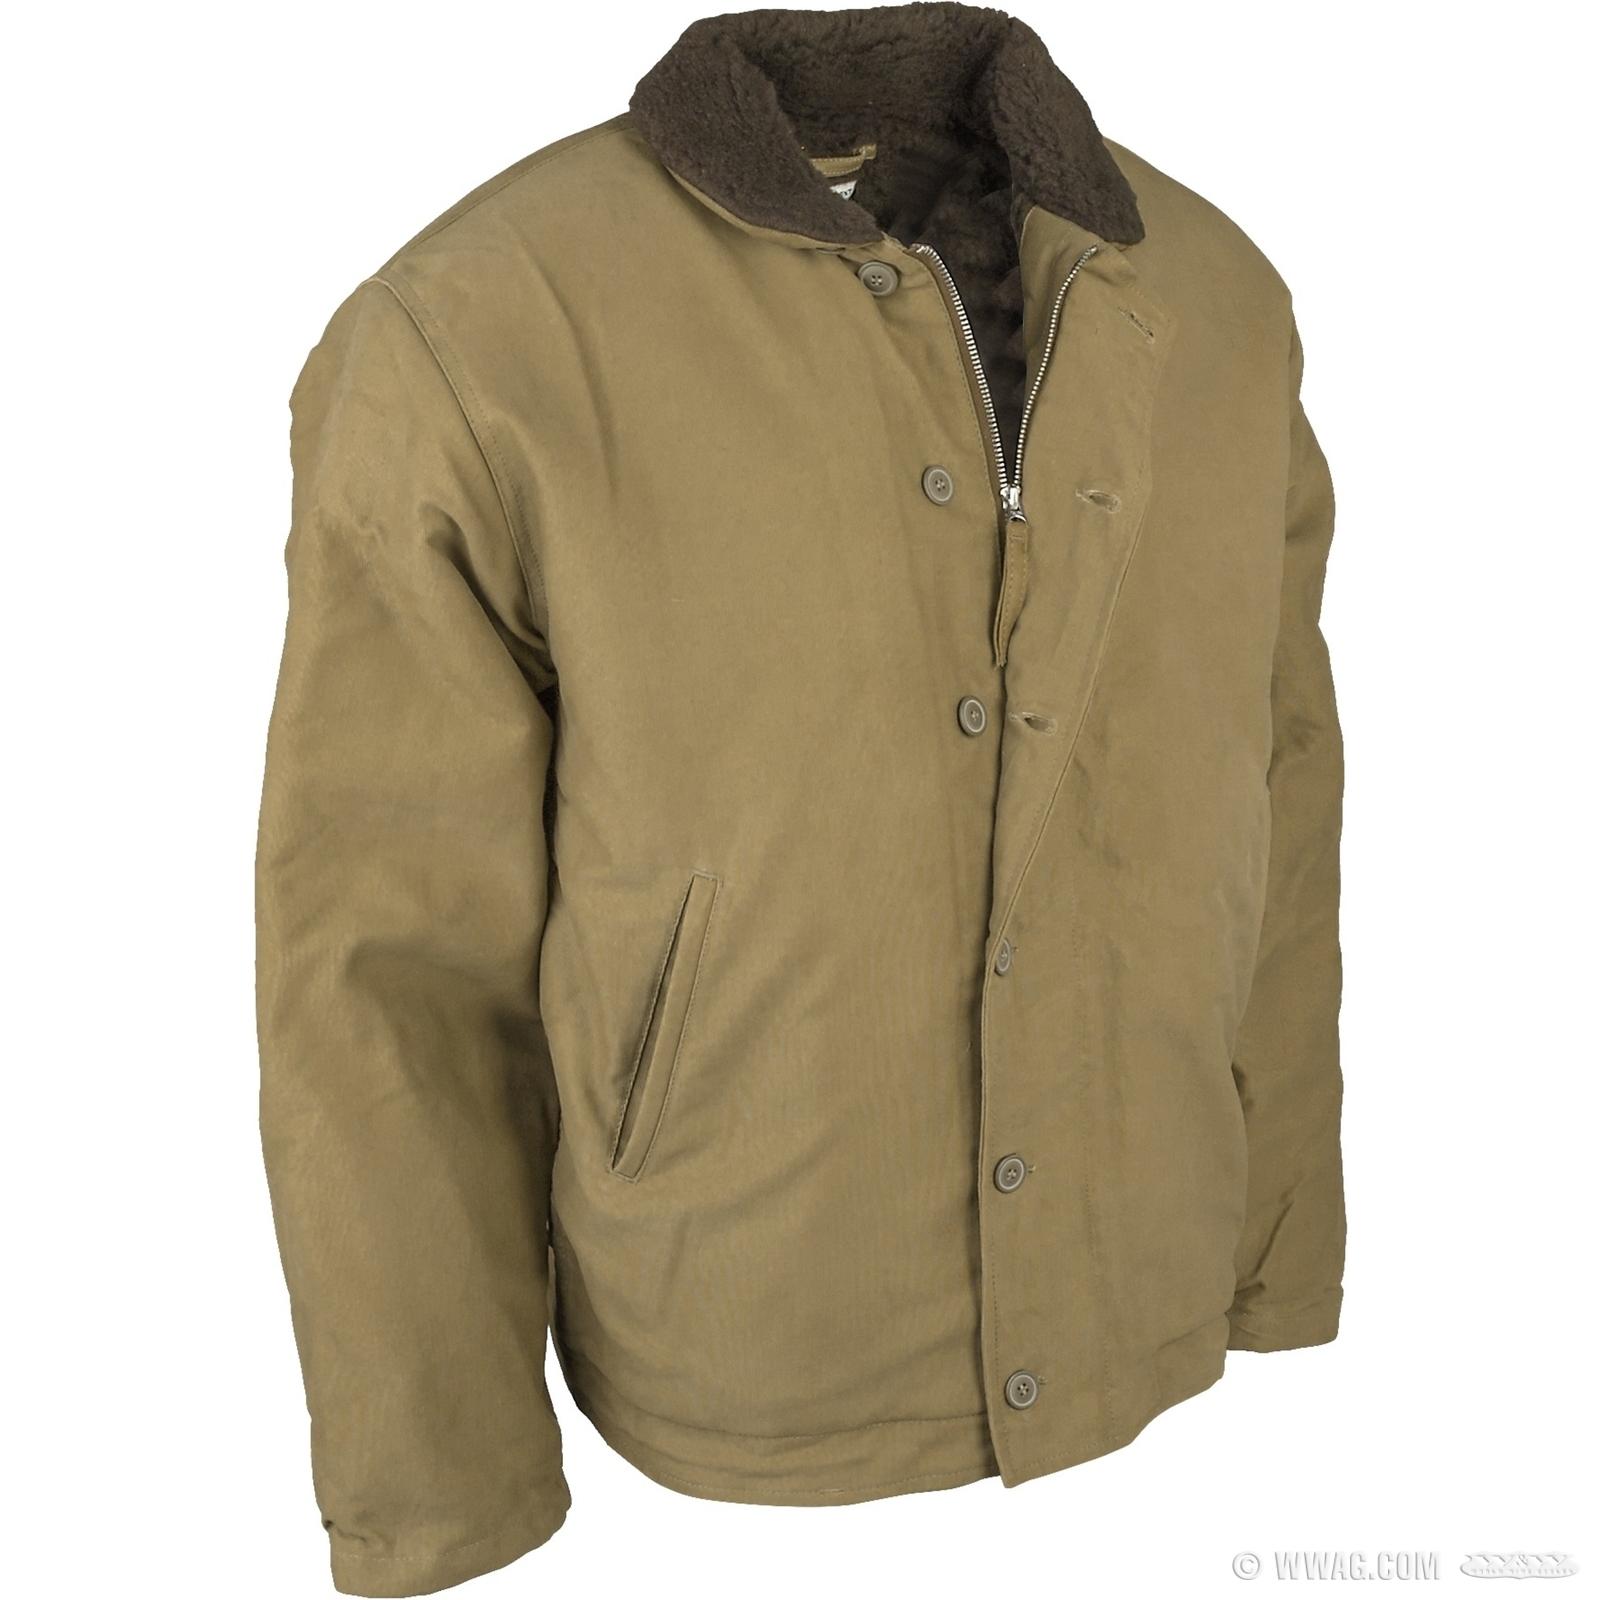 W&W Cycles - Bekleidung und Helme > Pike Brothers 1944 N-1 Deck Jacket